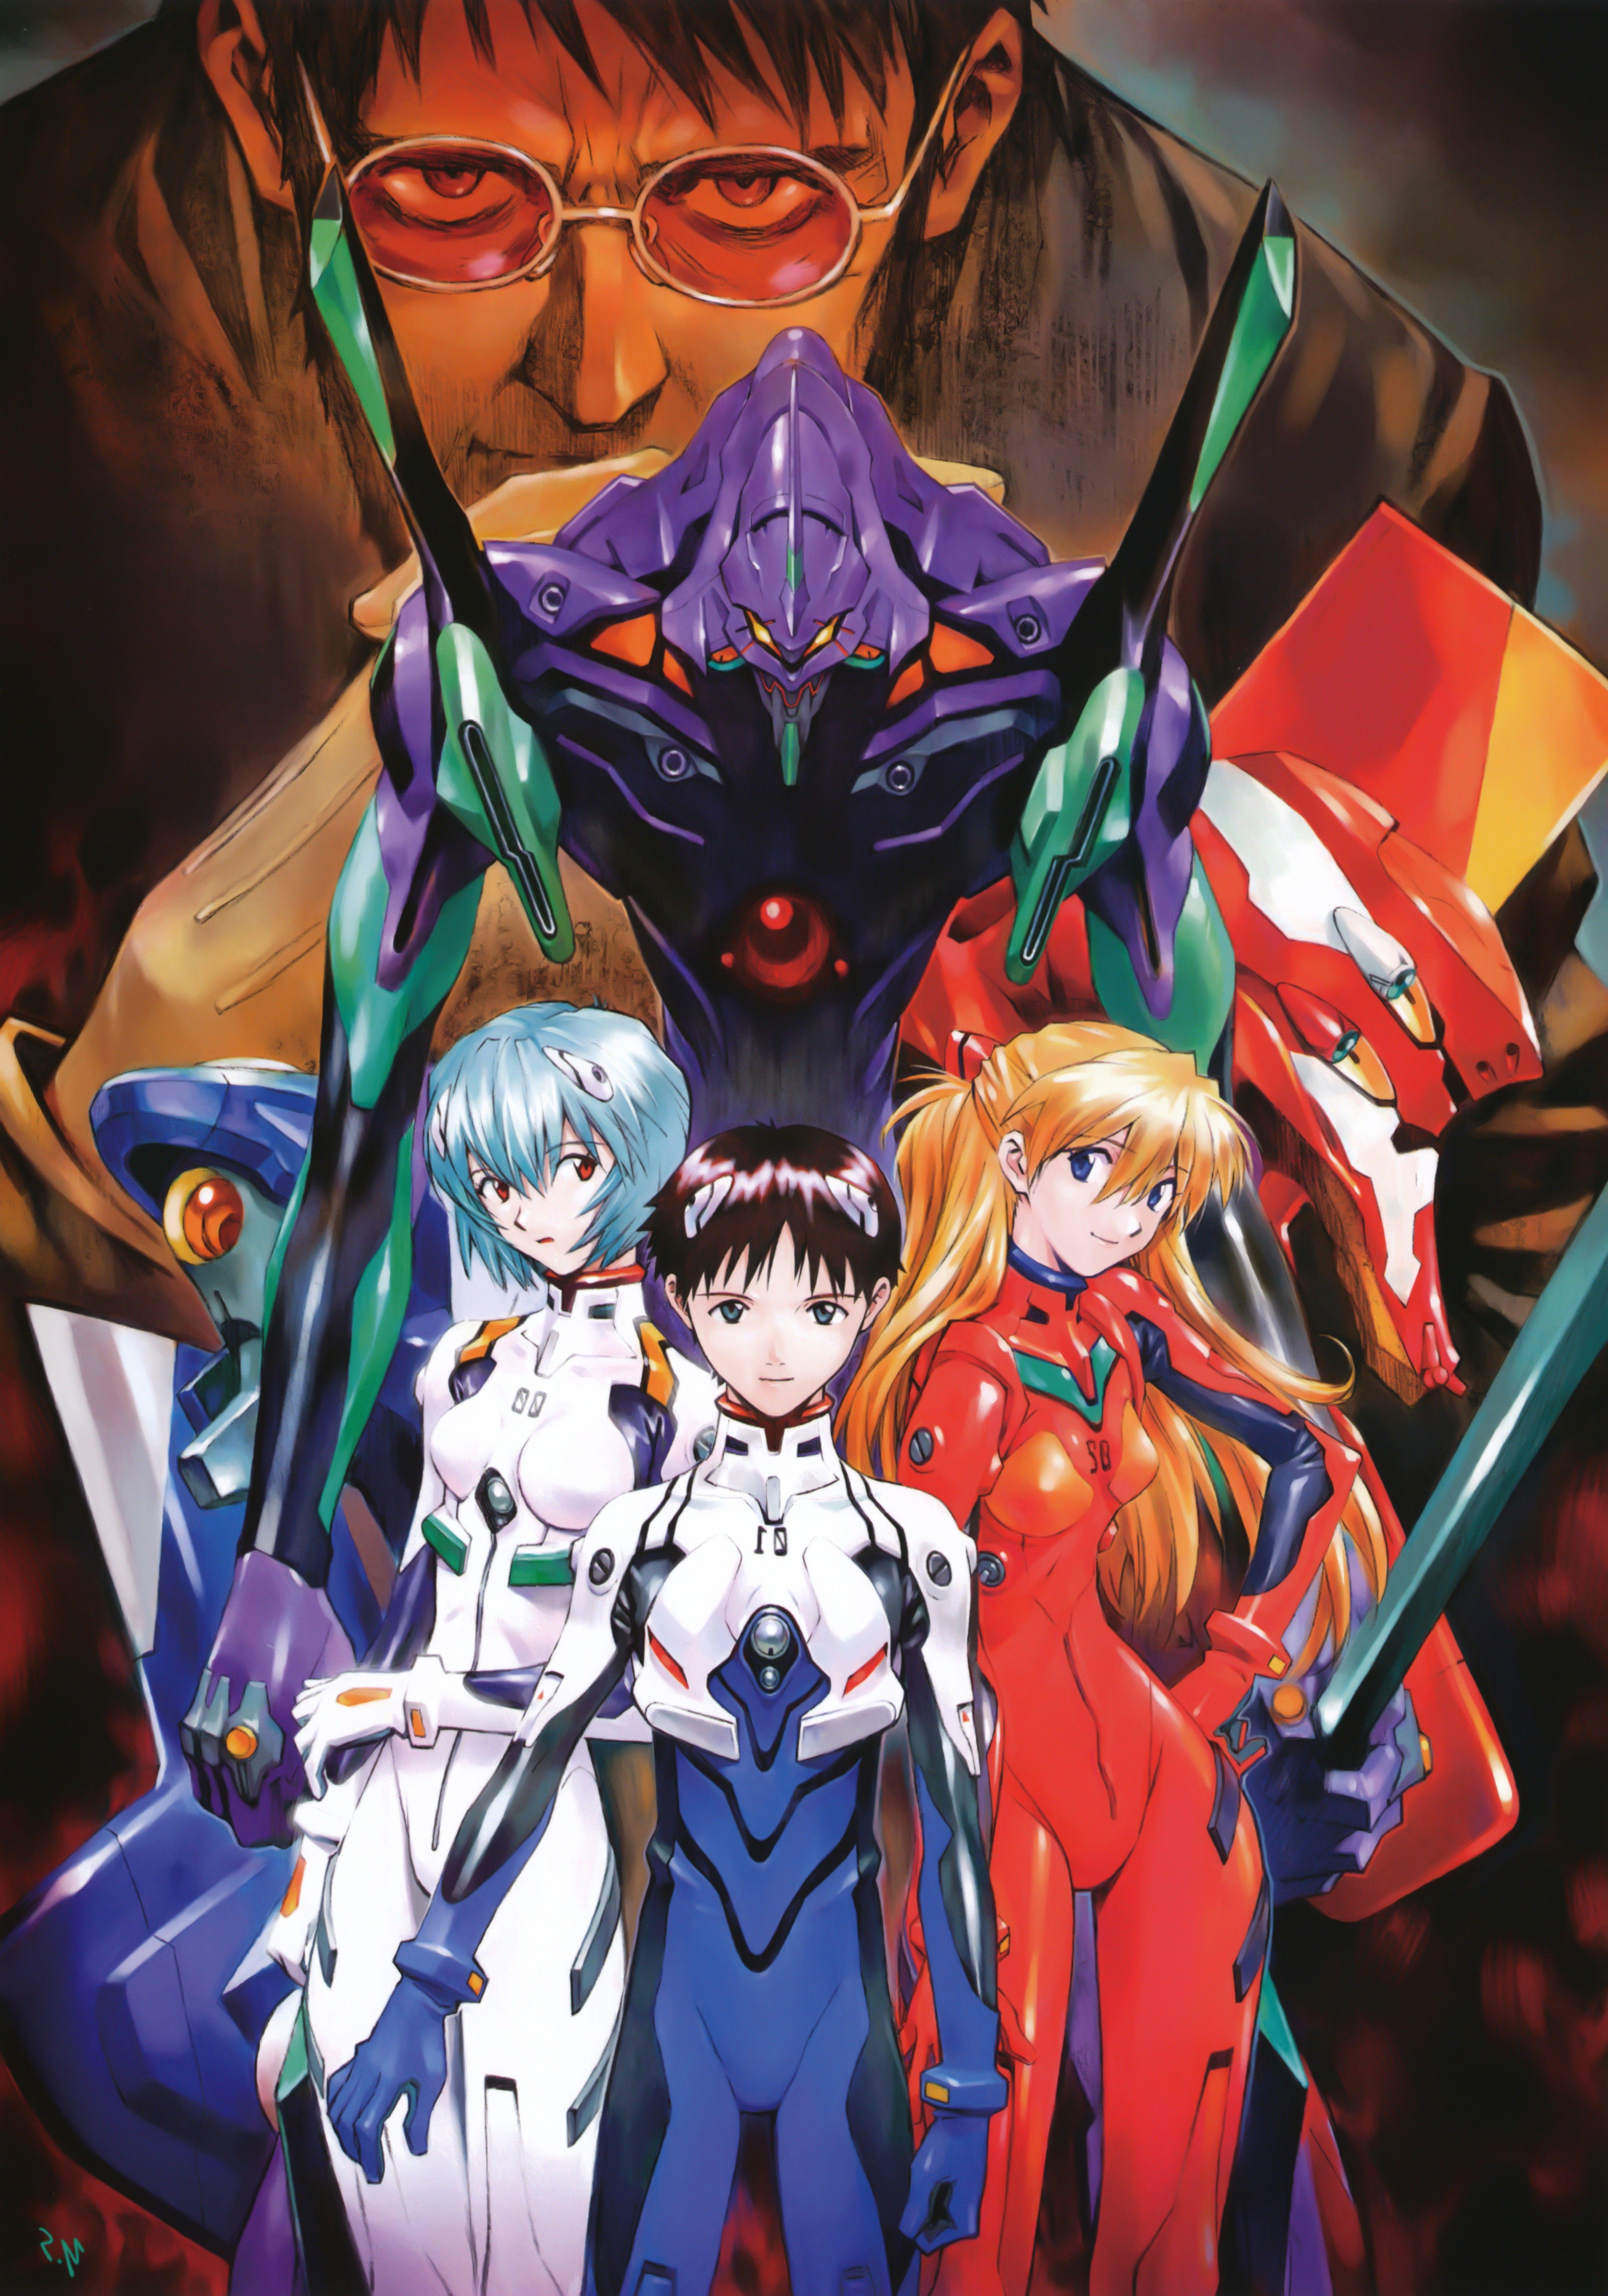 Shinji Wallpapers Top Free Shinji Backgrounds Wallpaperaccess